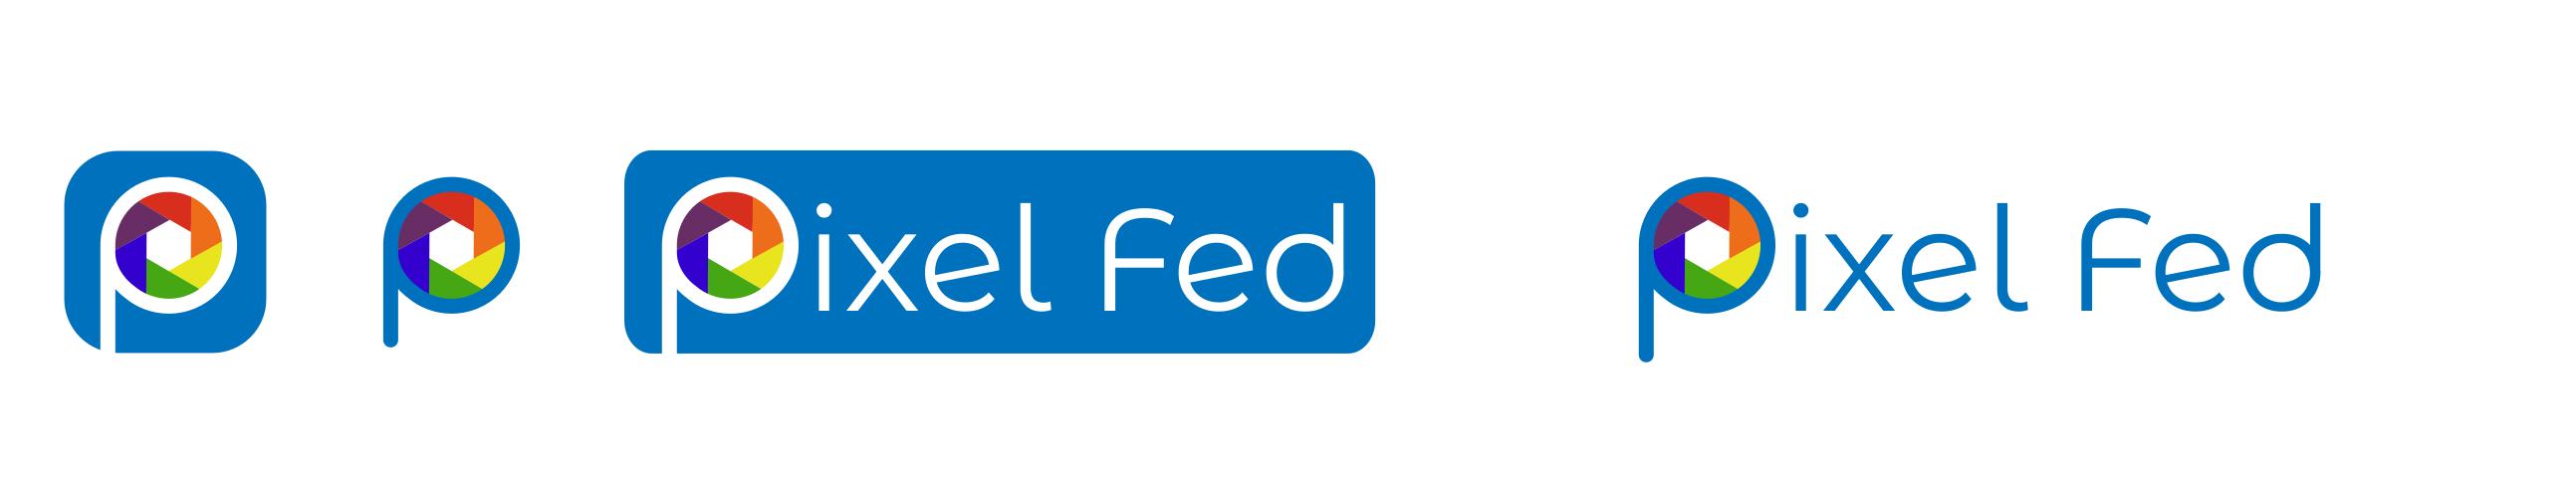 pixelfed-logo-p3